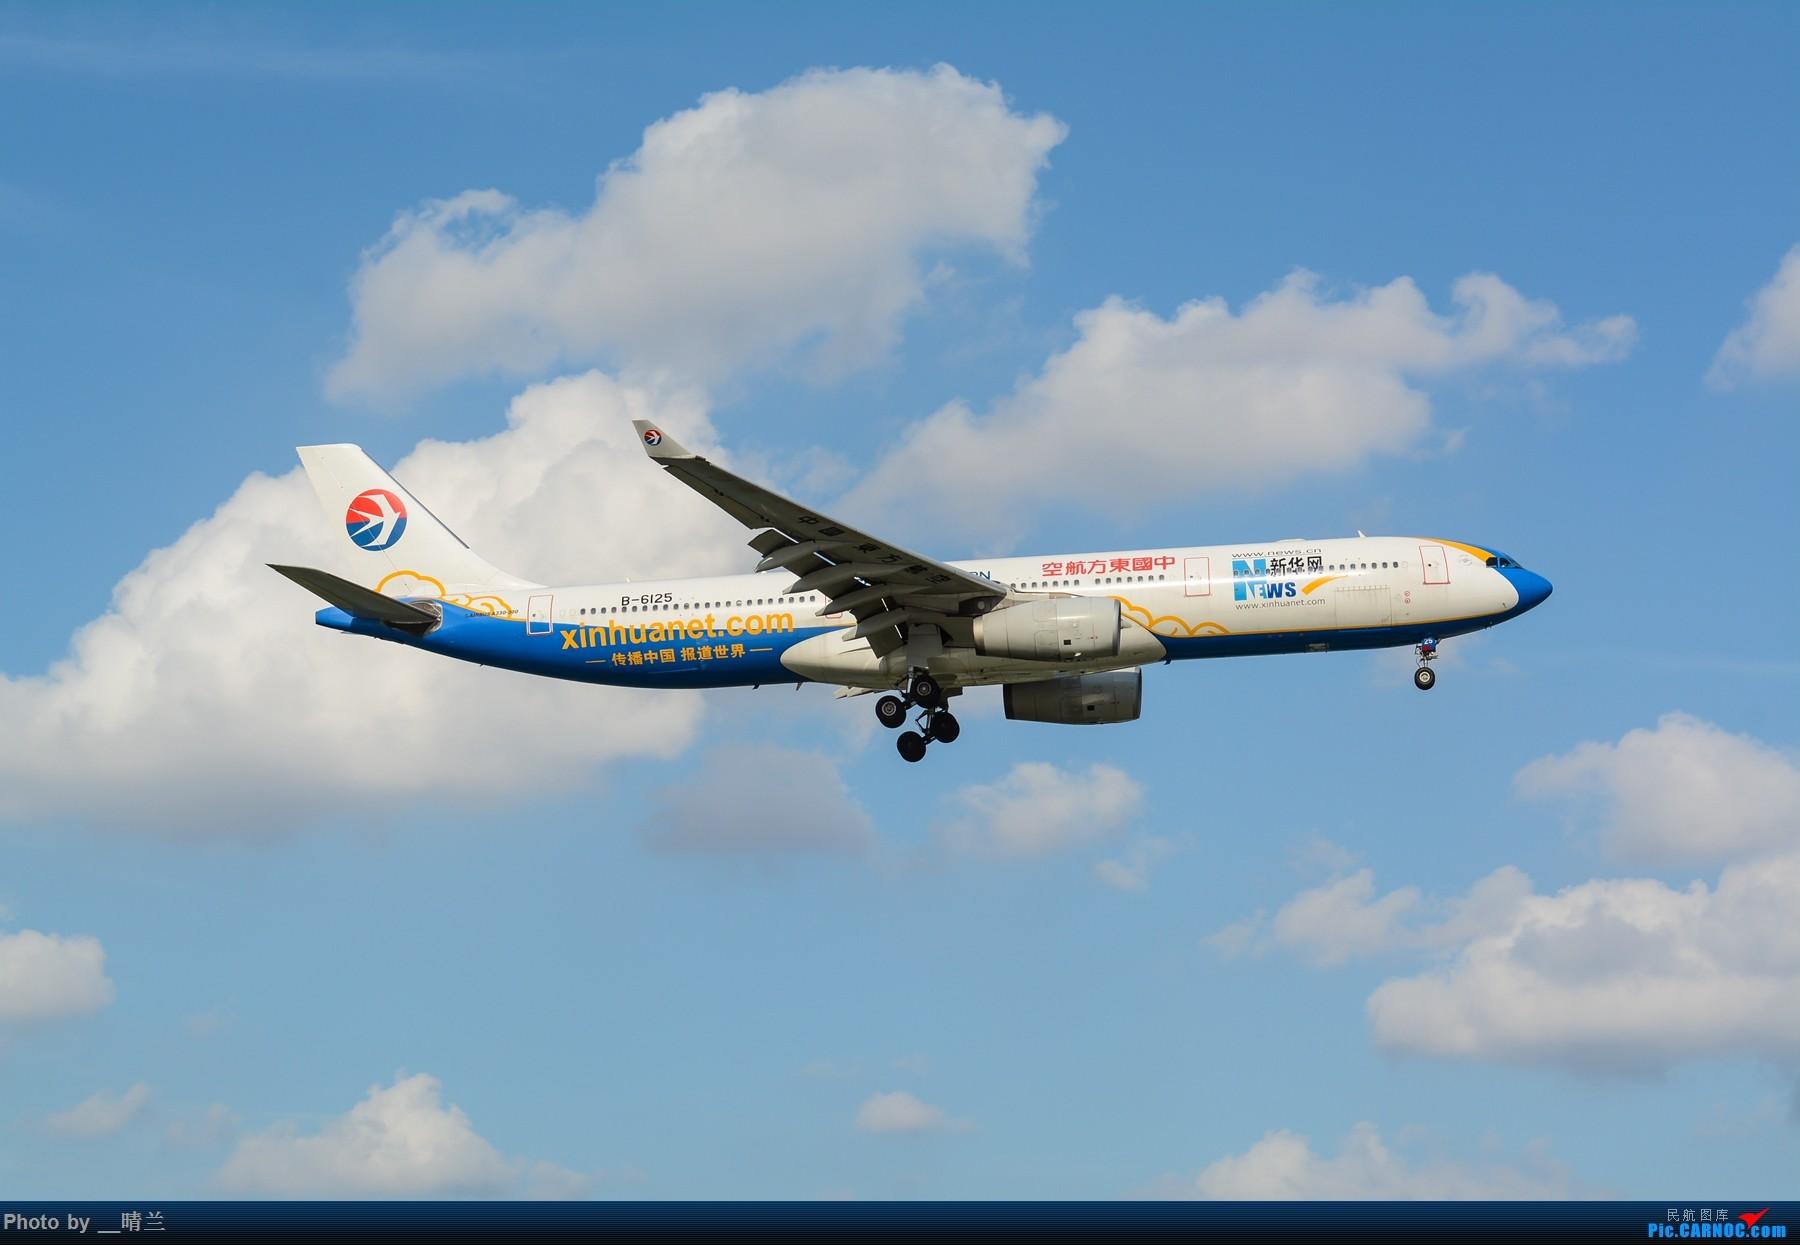 Re:[原创]果然昨天发了图,今天SHA就是大蓝天~~最开心的事莫过于基友们一起拍机! AIRBUS A330-300 B-6125 中国上海虹桥国际机场